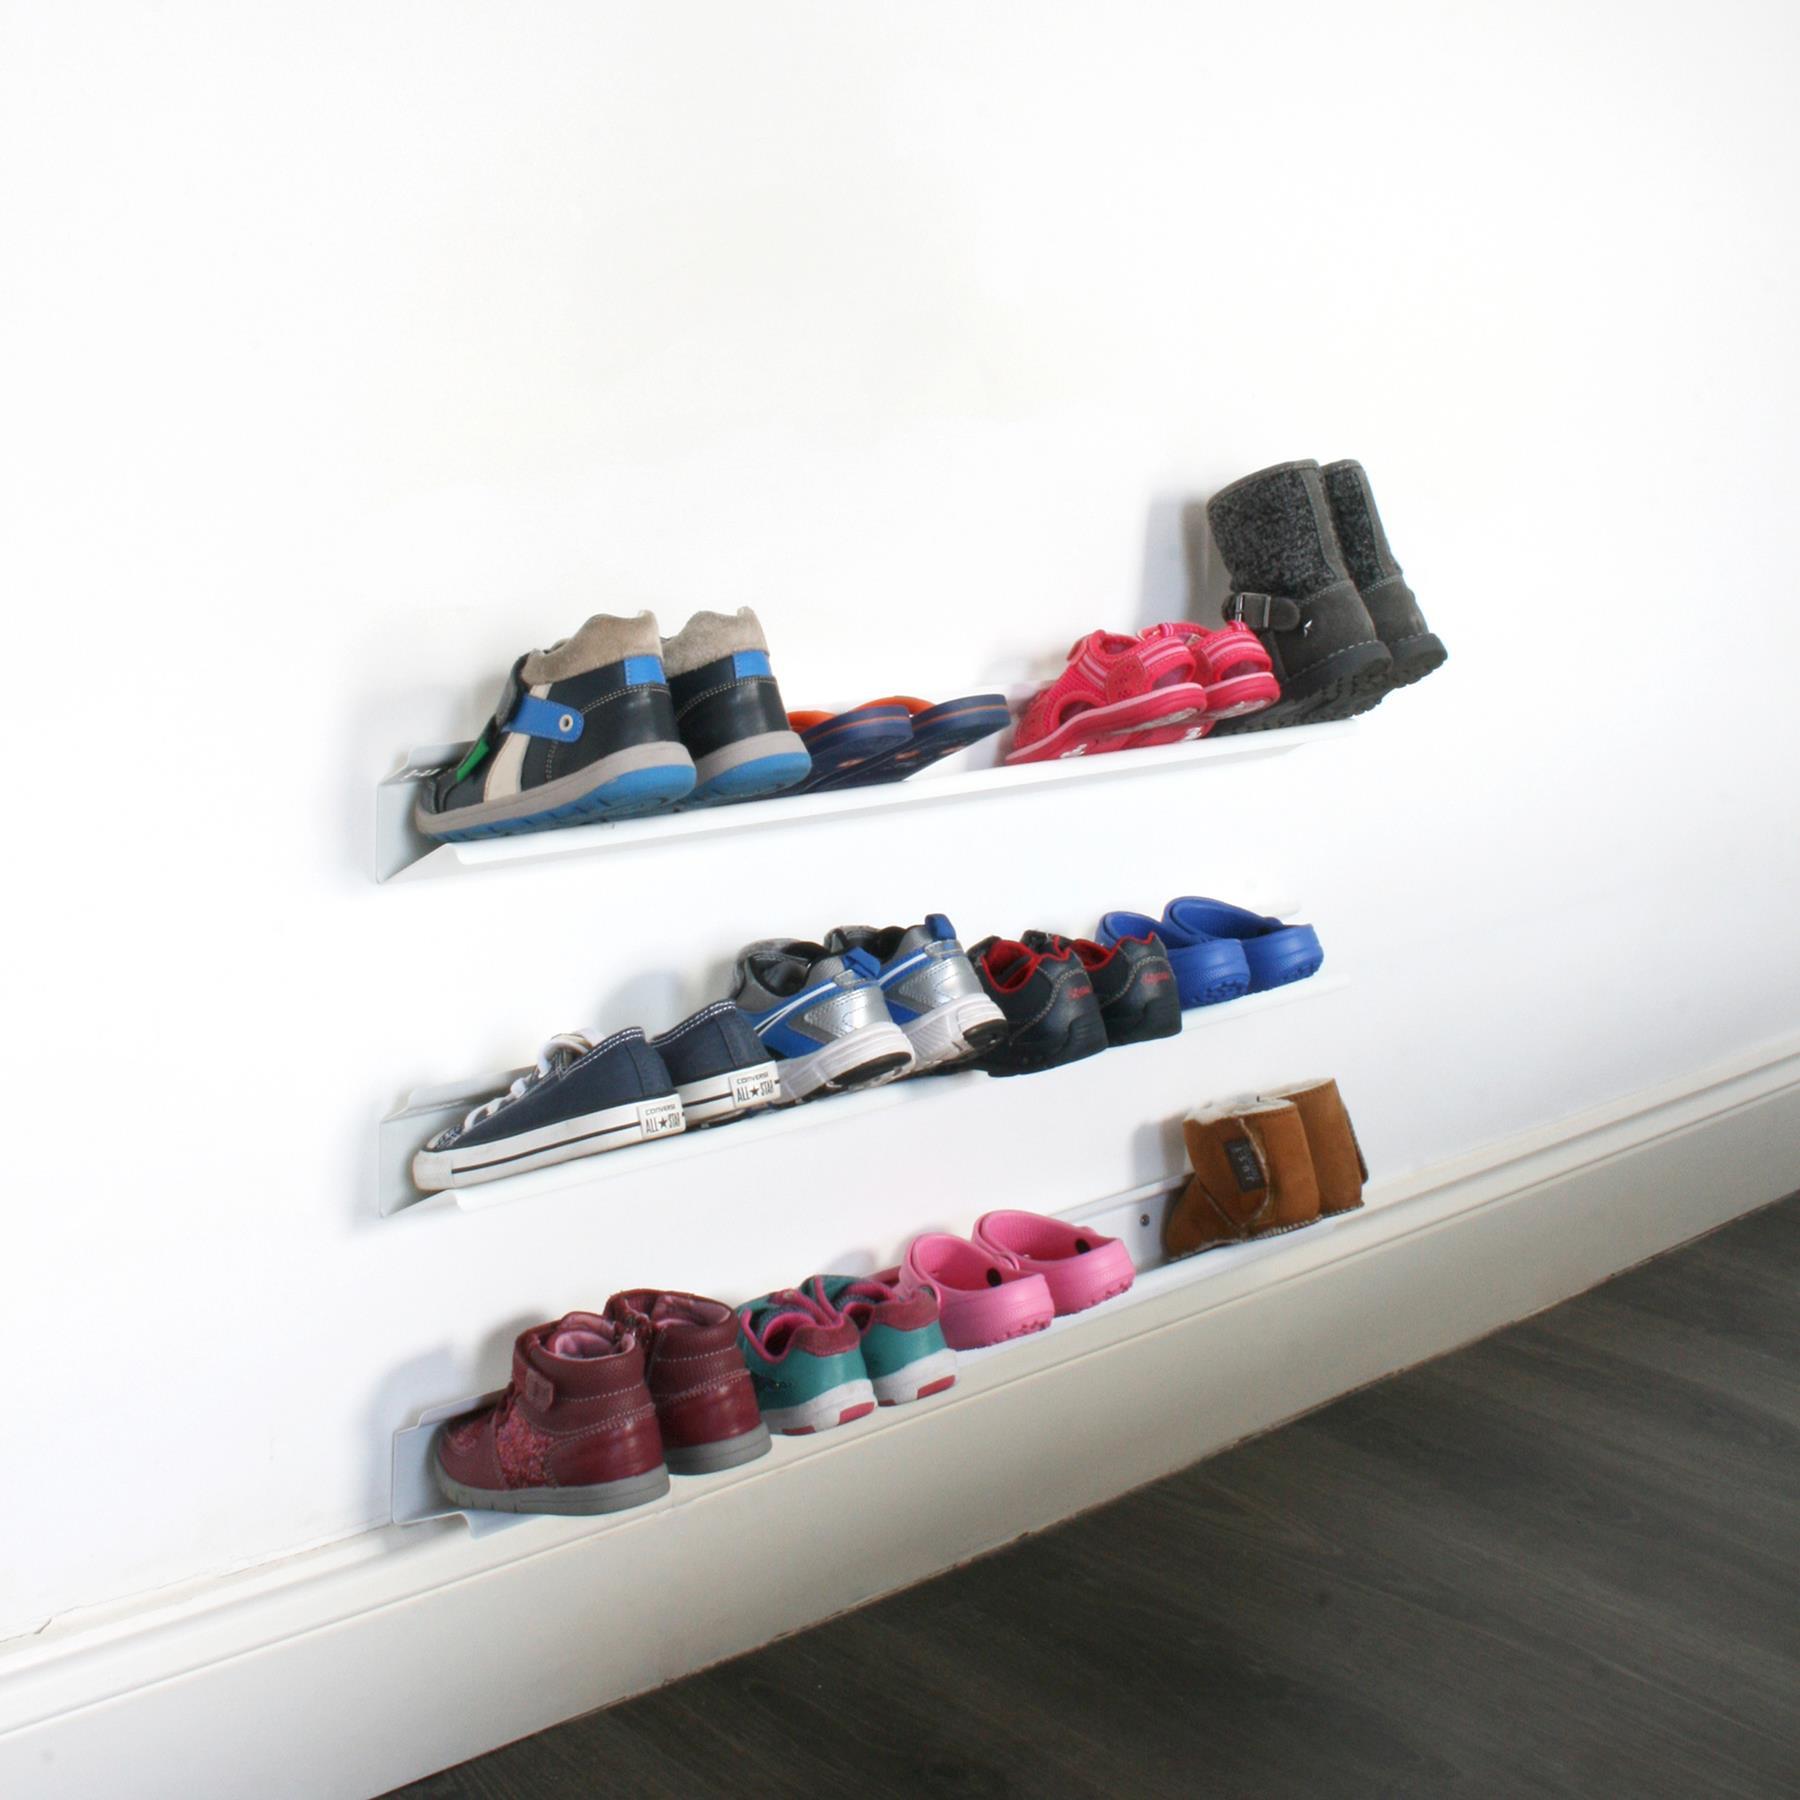 Schoenenrek Voor Aan De Wand.10x Schoenenrekken Shoppen Interieur Inrichting